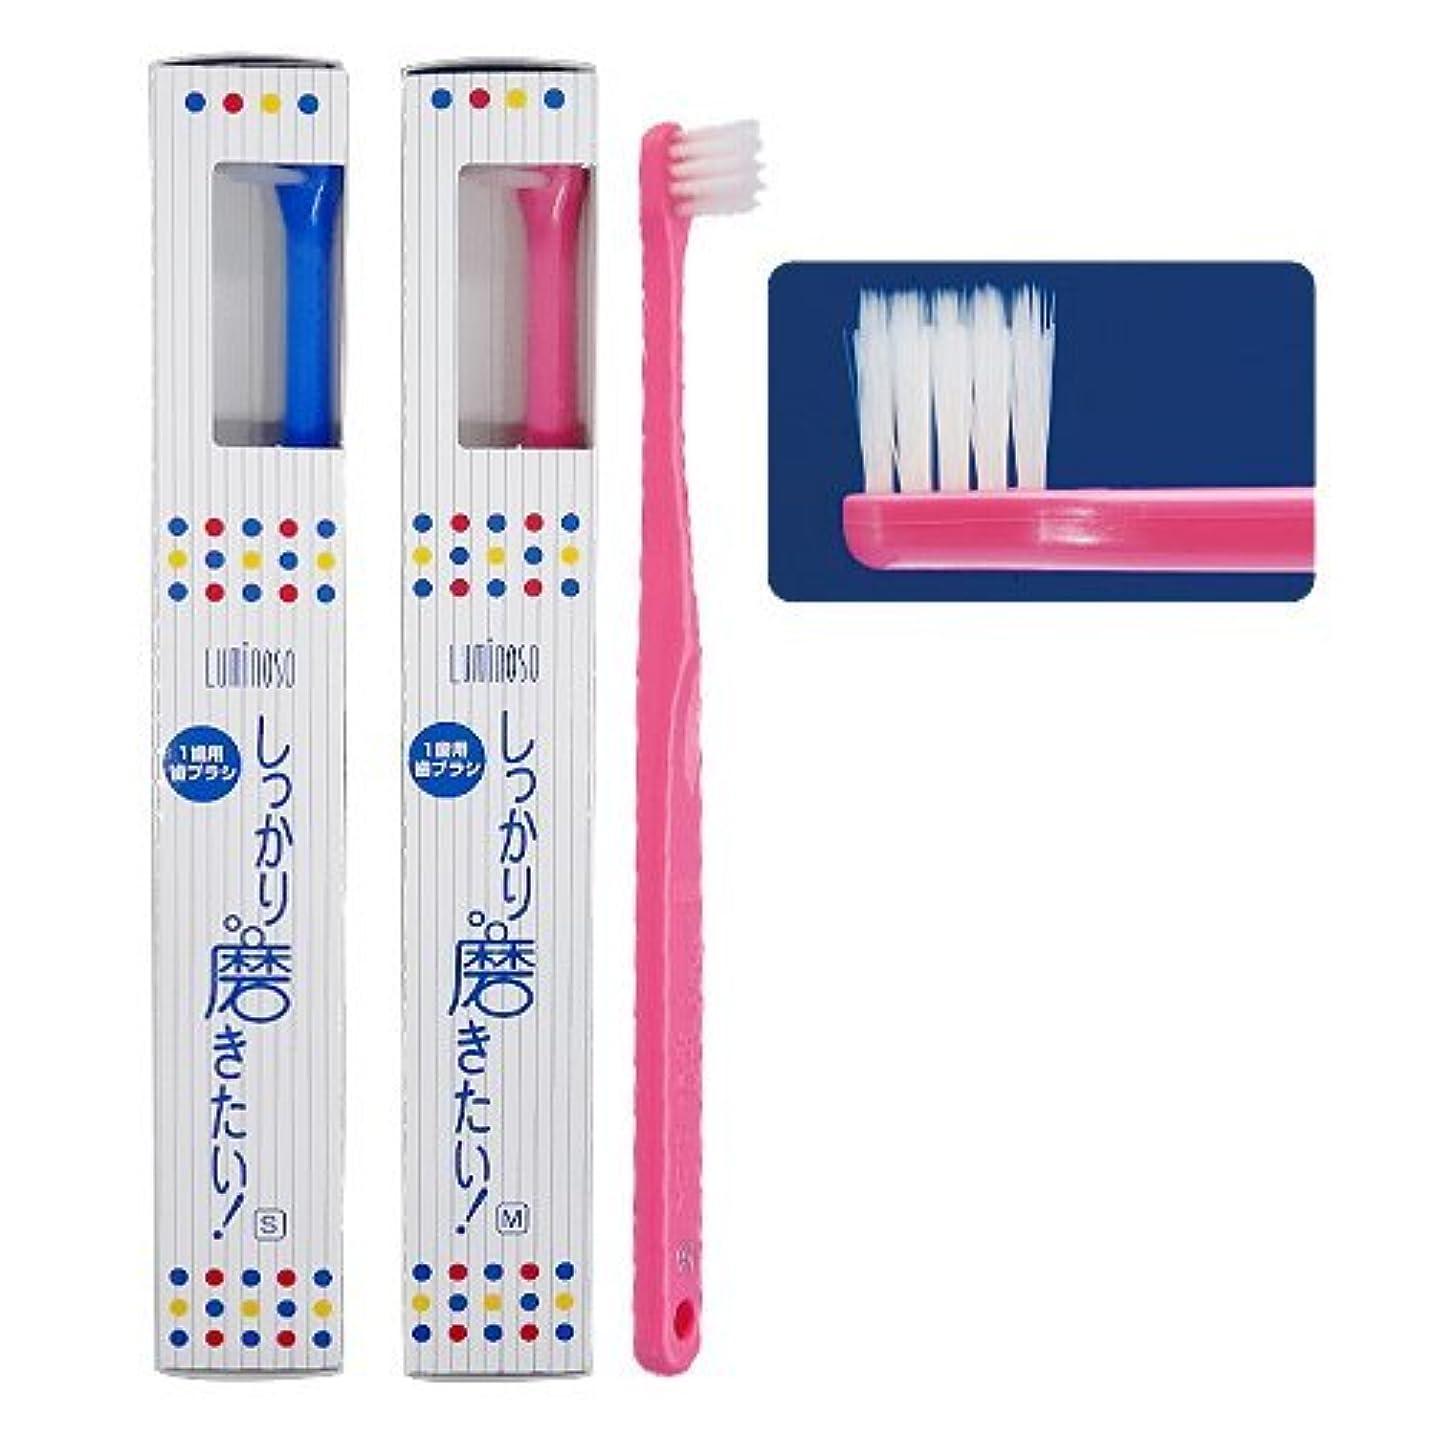 義務付けられた世界記録のギネスブック保護ルミノソ 1歯用歯ブラシ「しっかり磨きたい!」スタンダード ソフト (カラー指定不可) 5本